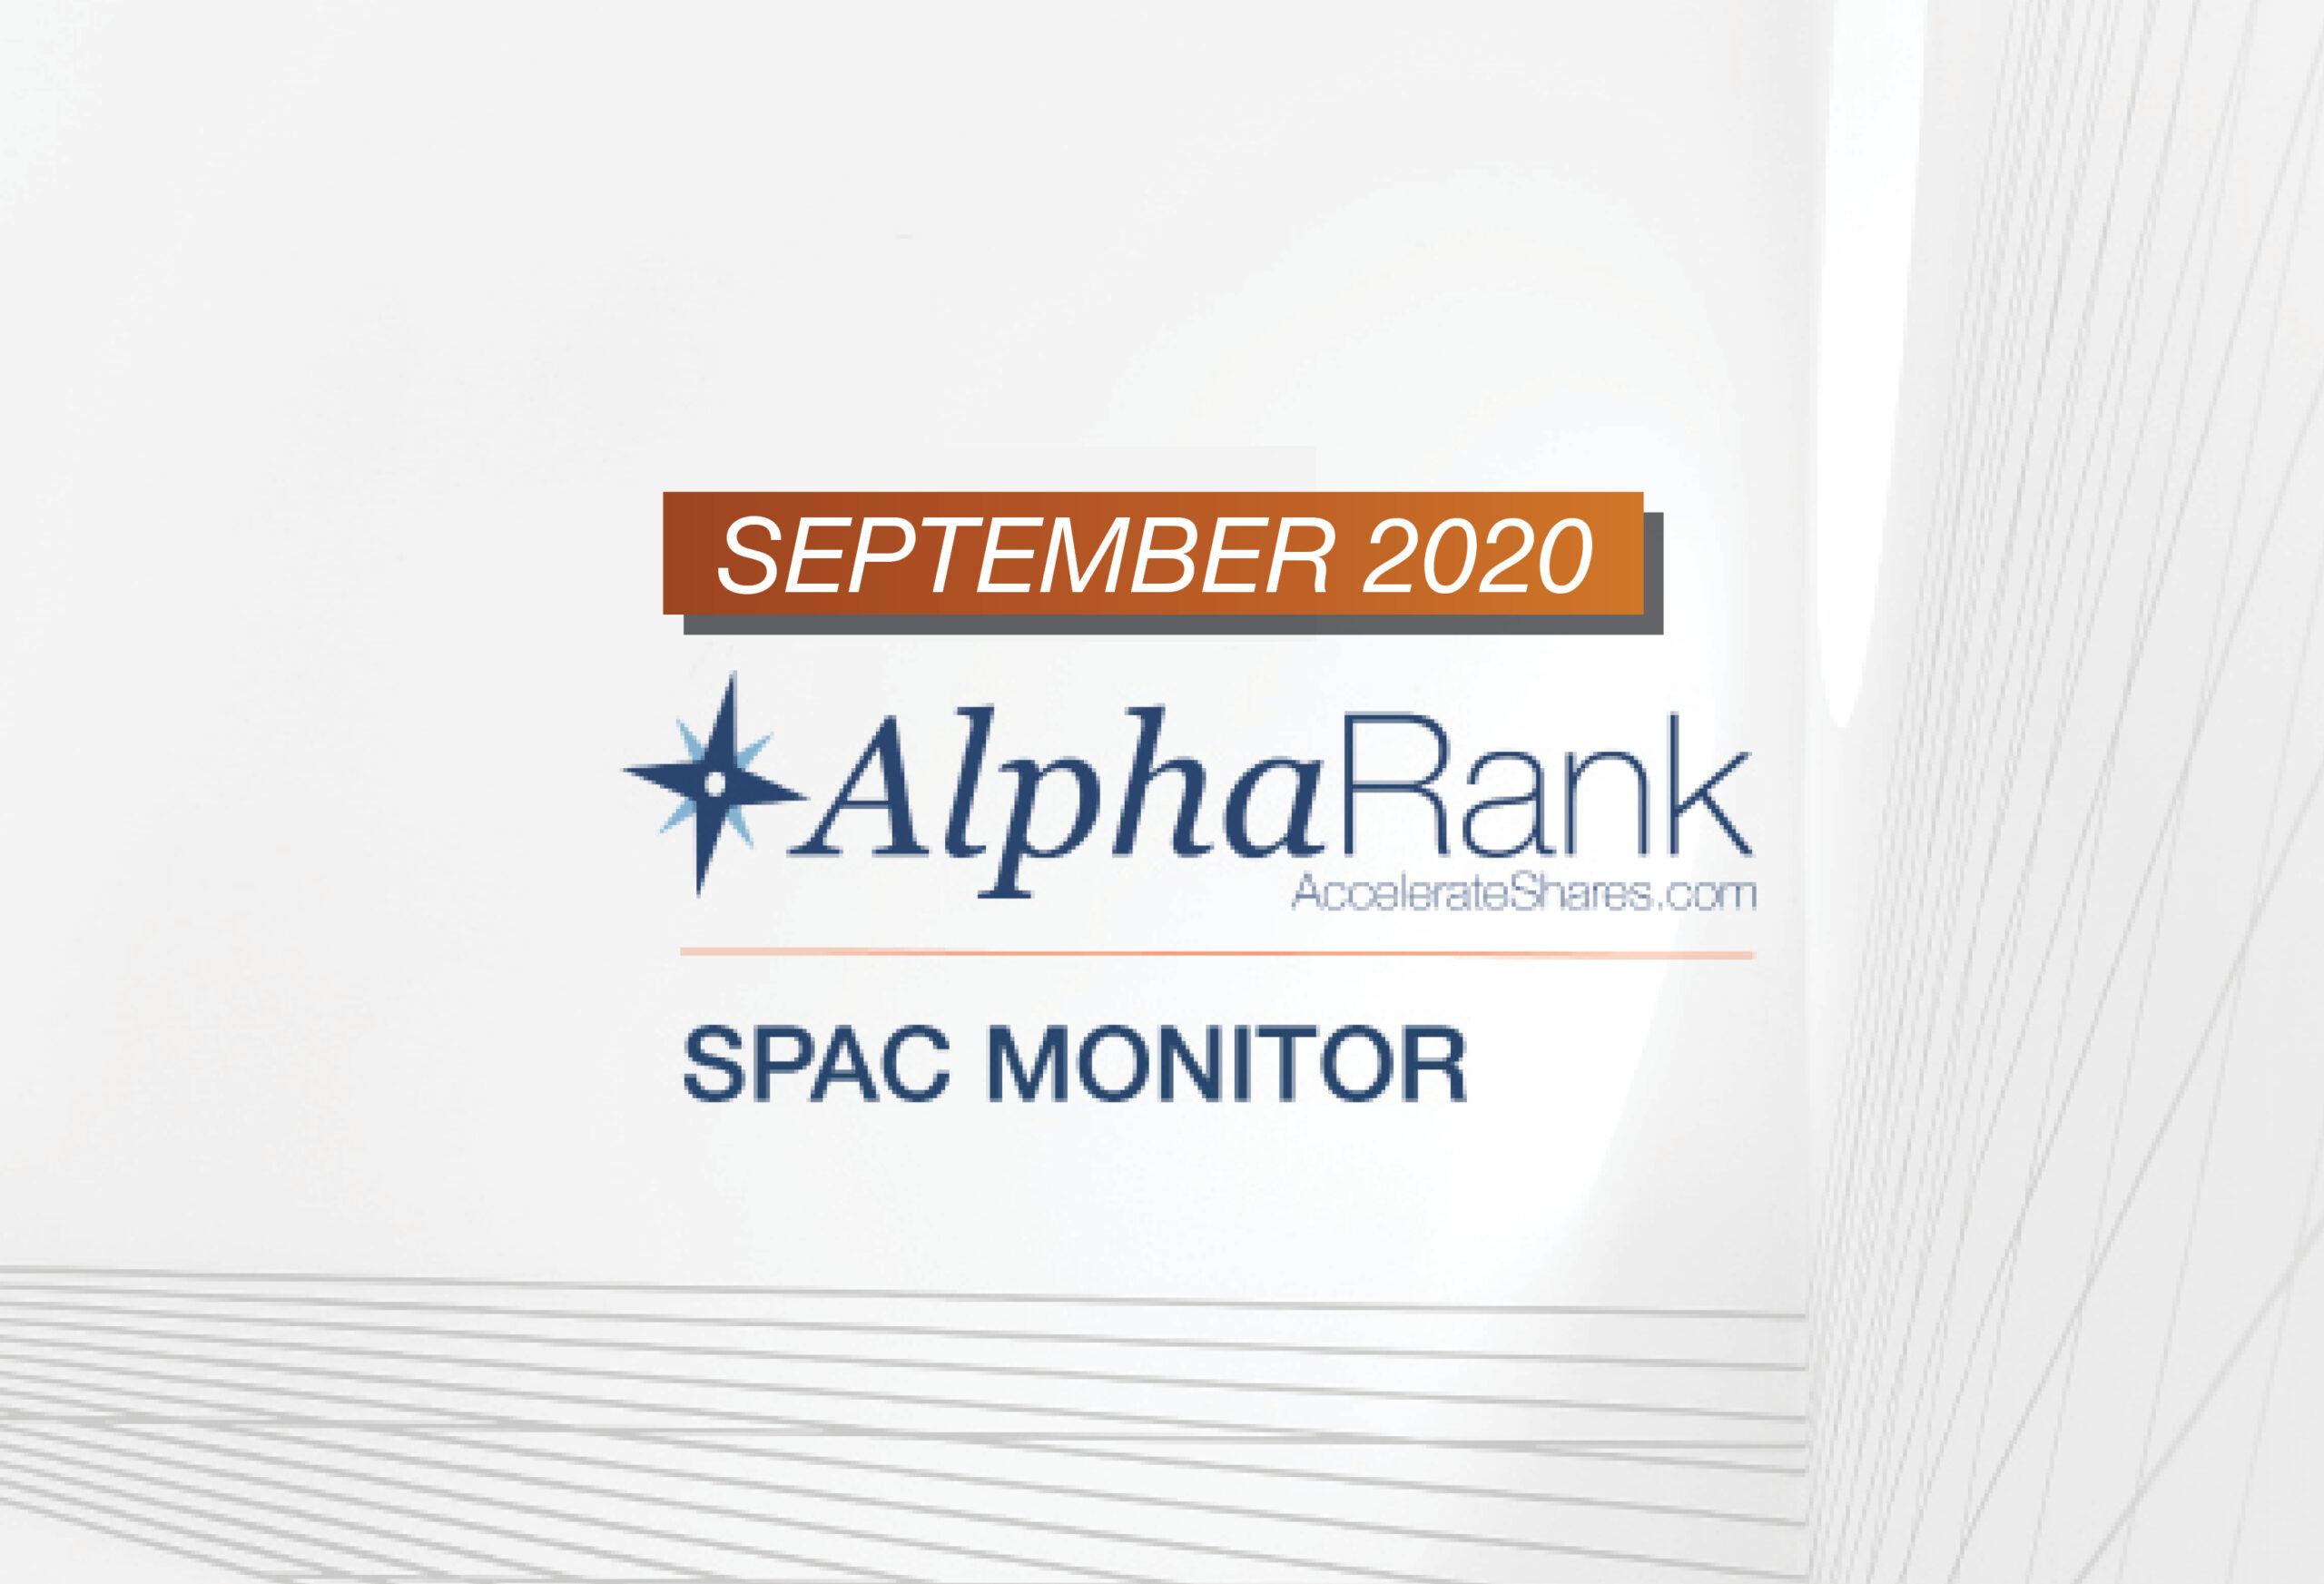 AlphaRank SPAC Monitor- September 2020